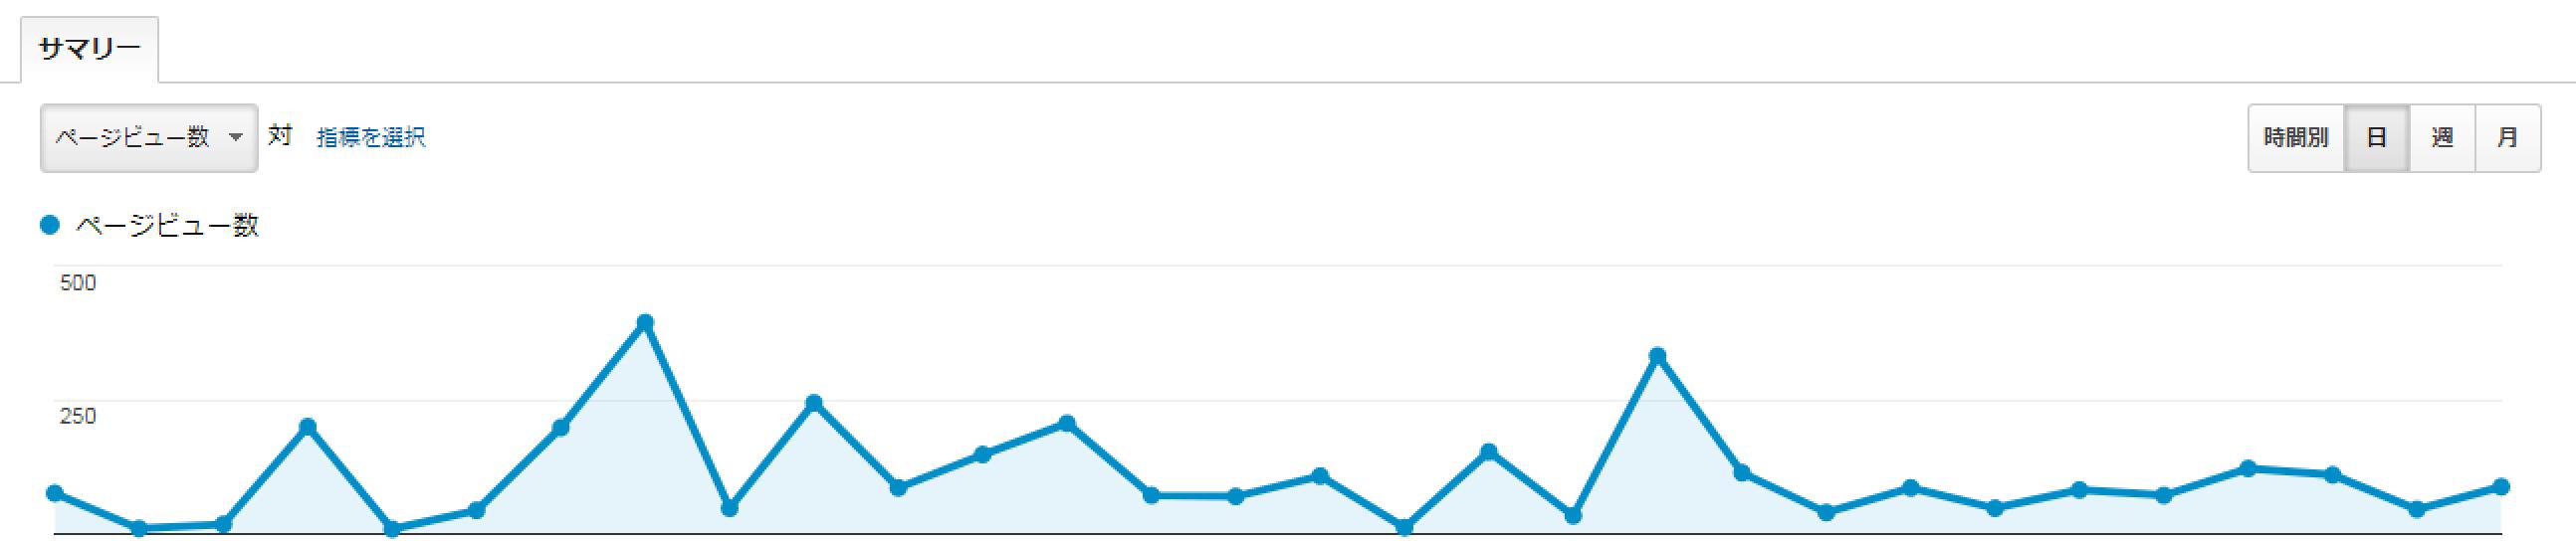 クラブ生の1ヶ月目のブログアクセス数